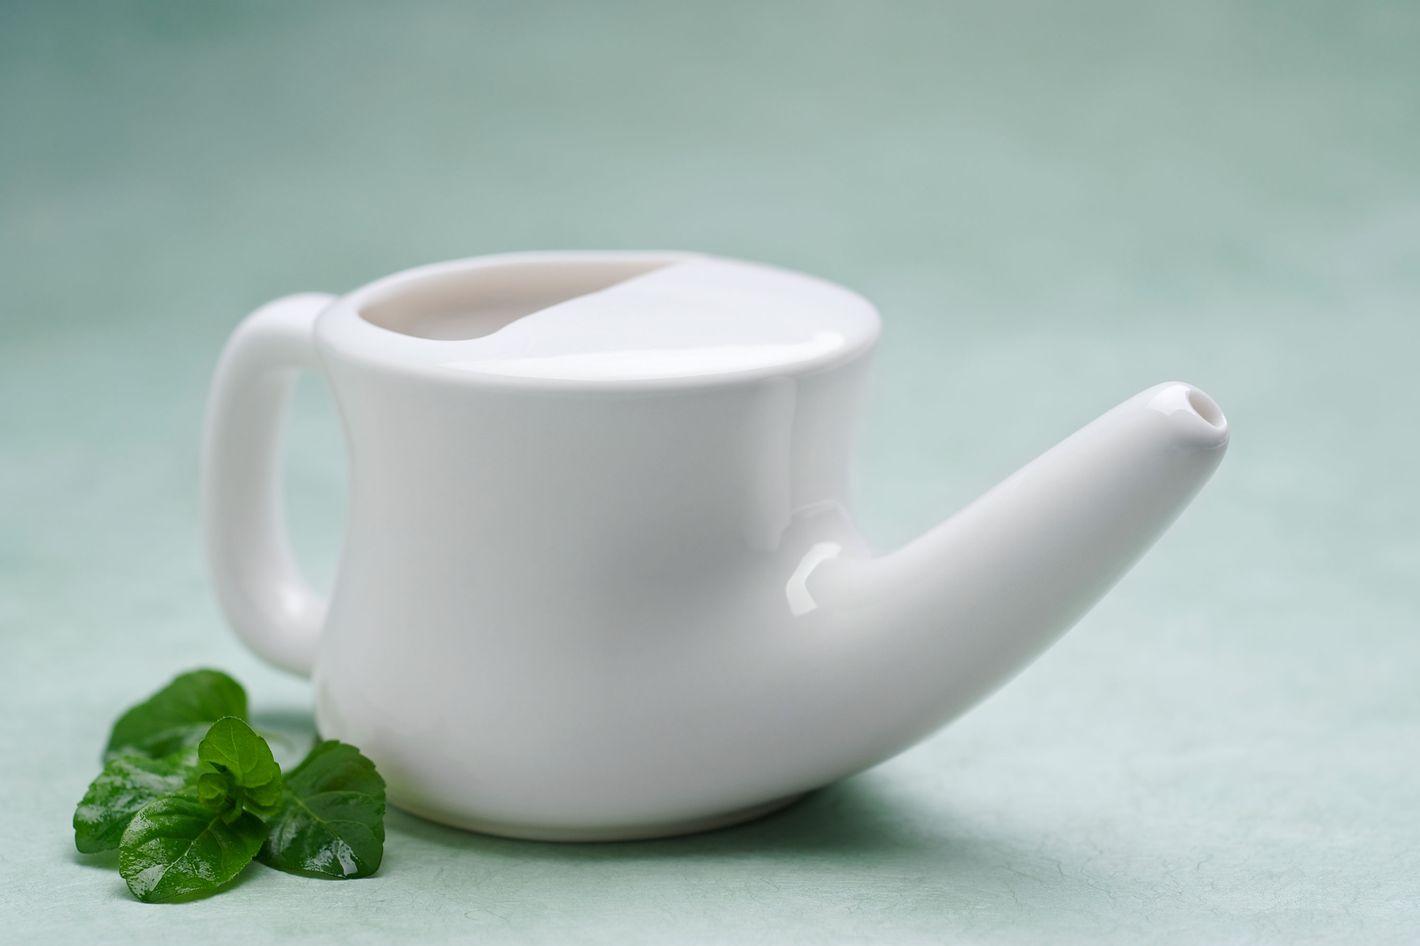 Aromatic Salt Premium Ceramic Neti Pot